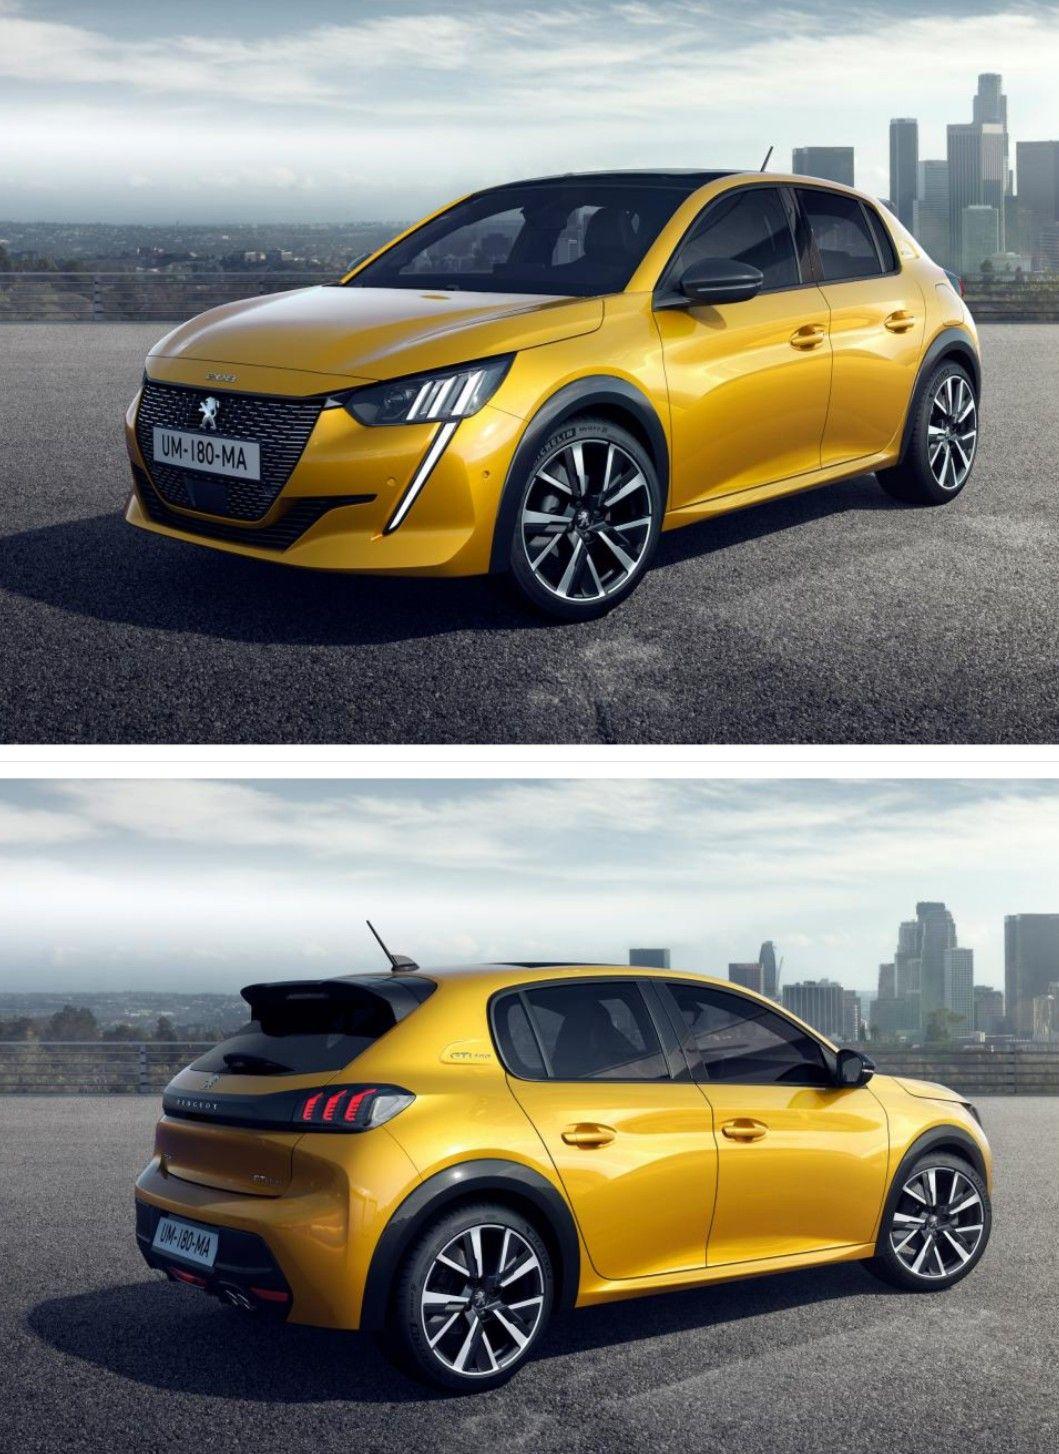 The New 2019 Peugeot 208 Vehicule De Luxe Voiture